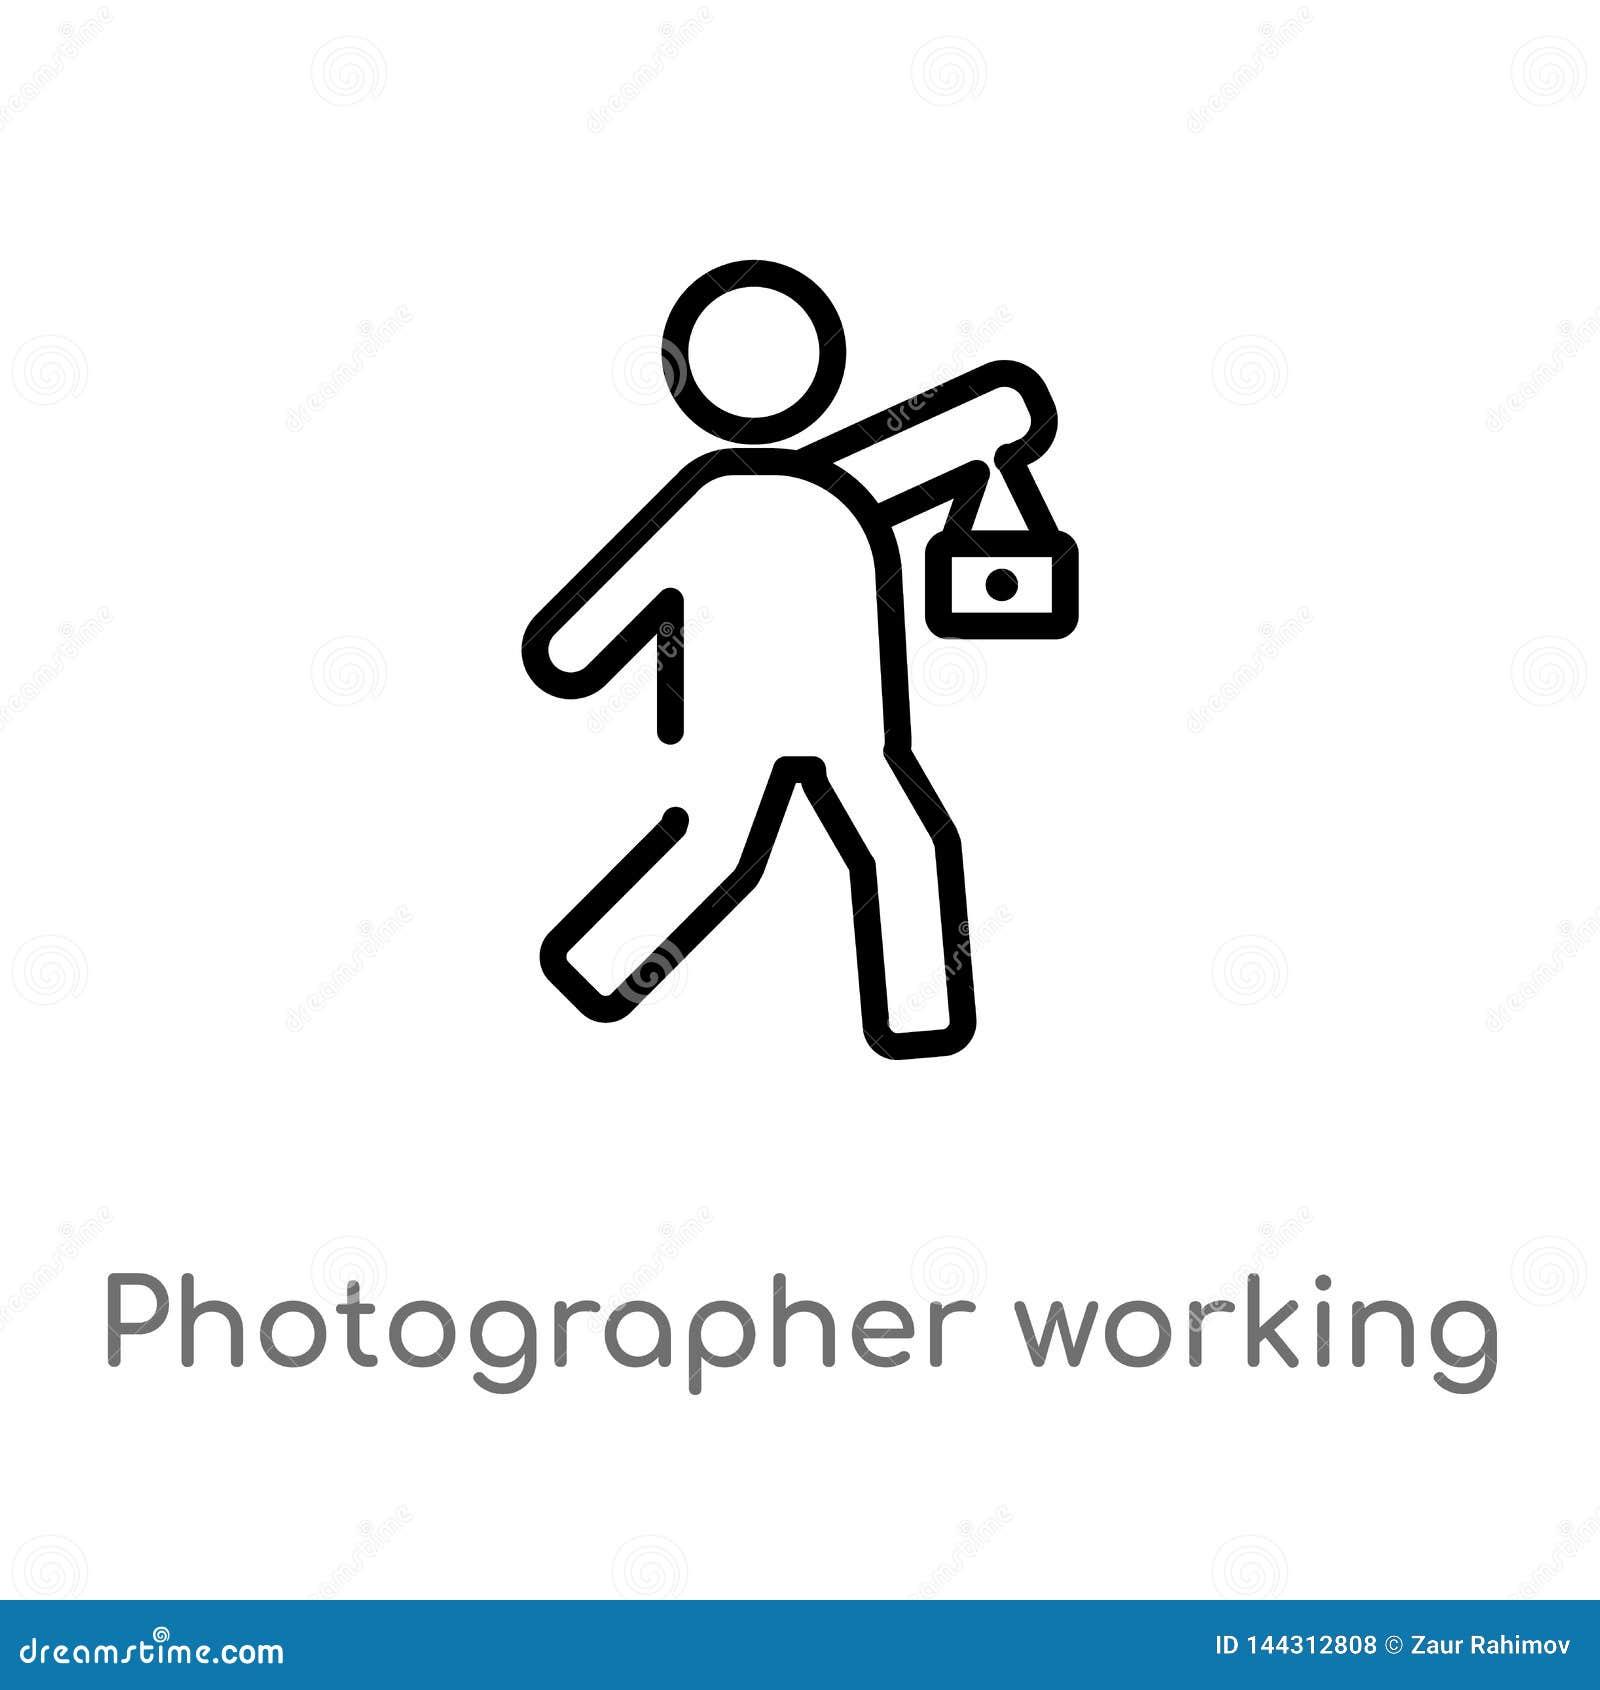 Entwurfsphotographarbeitsvektorikone lokalisiertes schwarzes einfaches Linienelementillustration vom Leutekonzept Editable Vektor